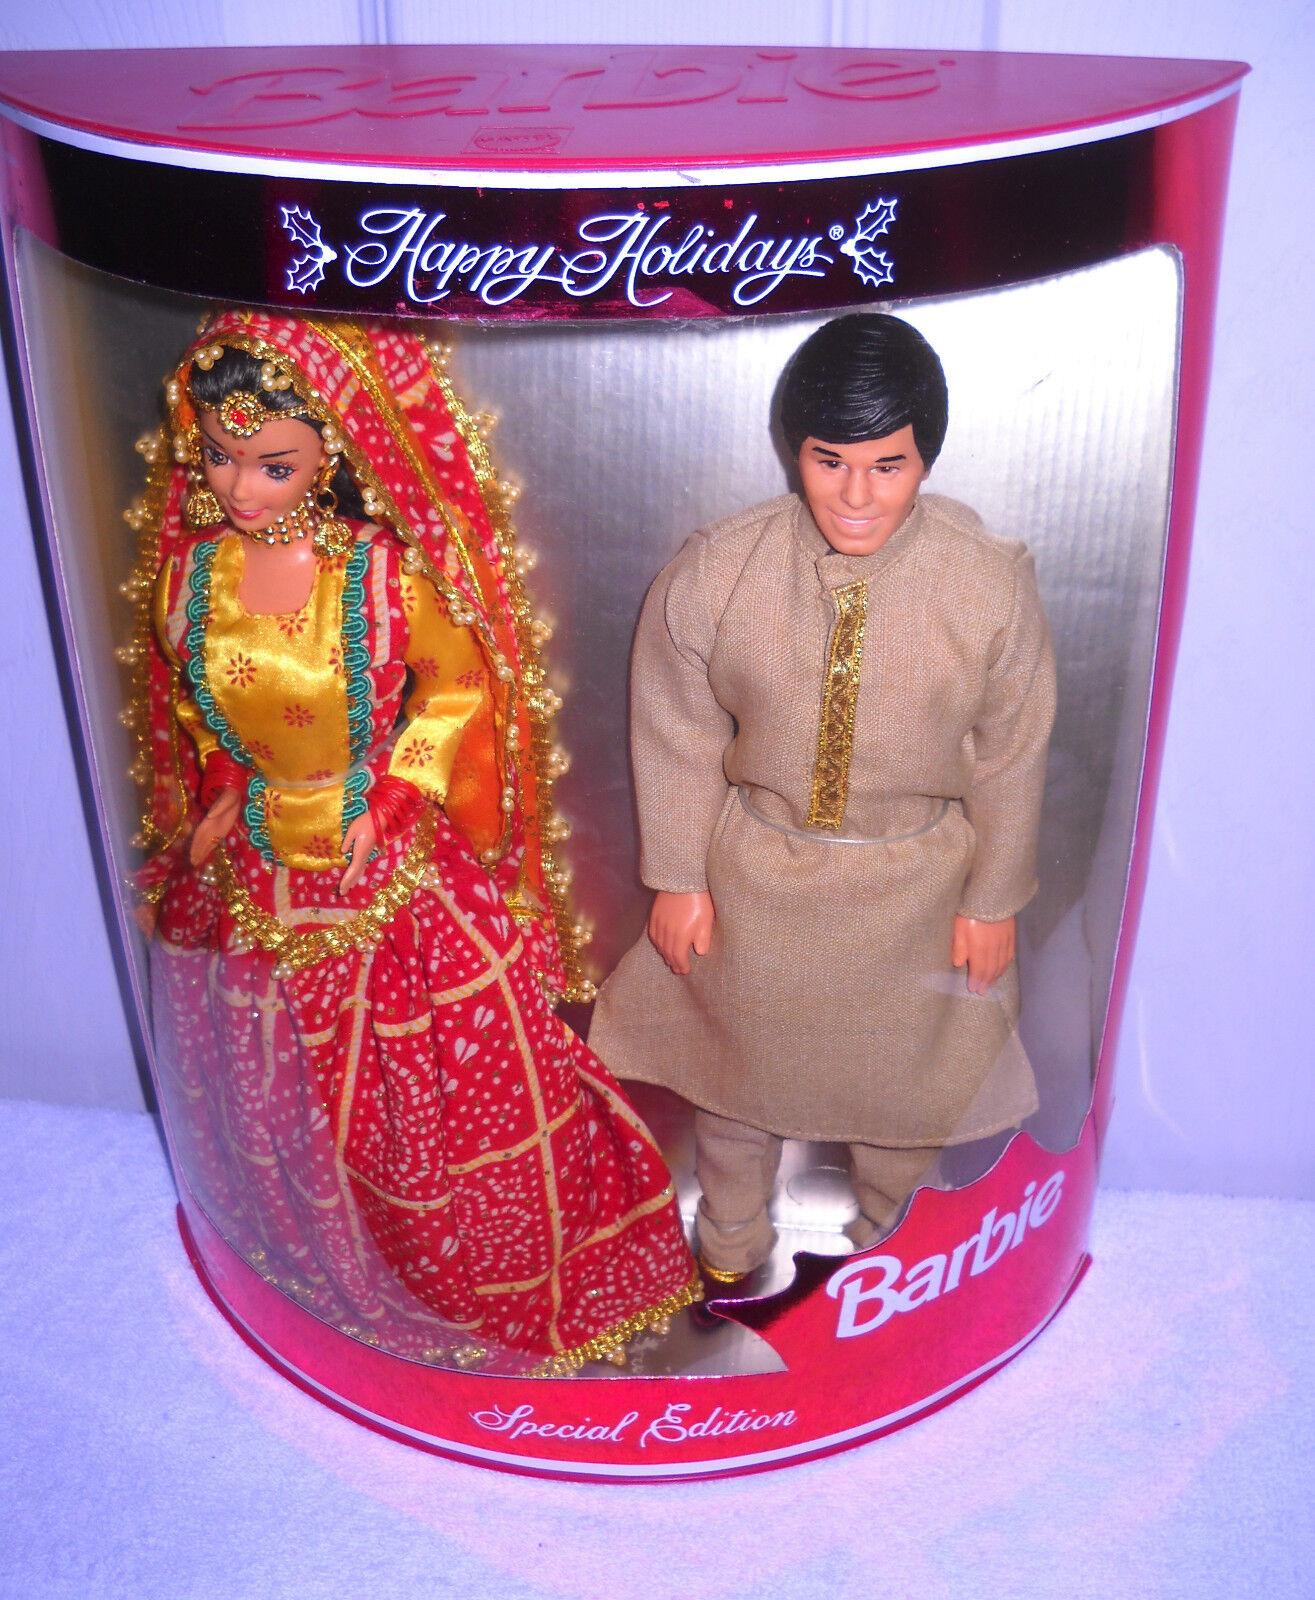 Raro nunca quitado de la Caja Mattel Leo India felices vacaciones Barbie y Ken Exterior Conjunto De